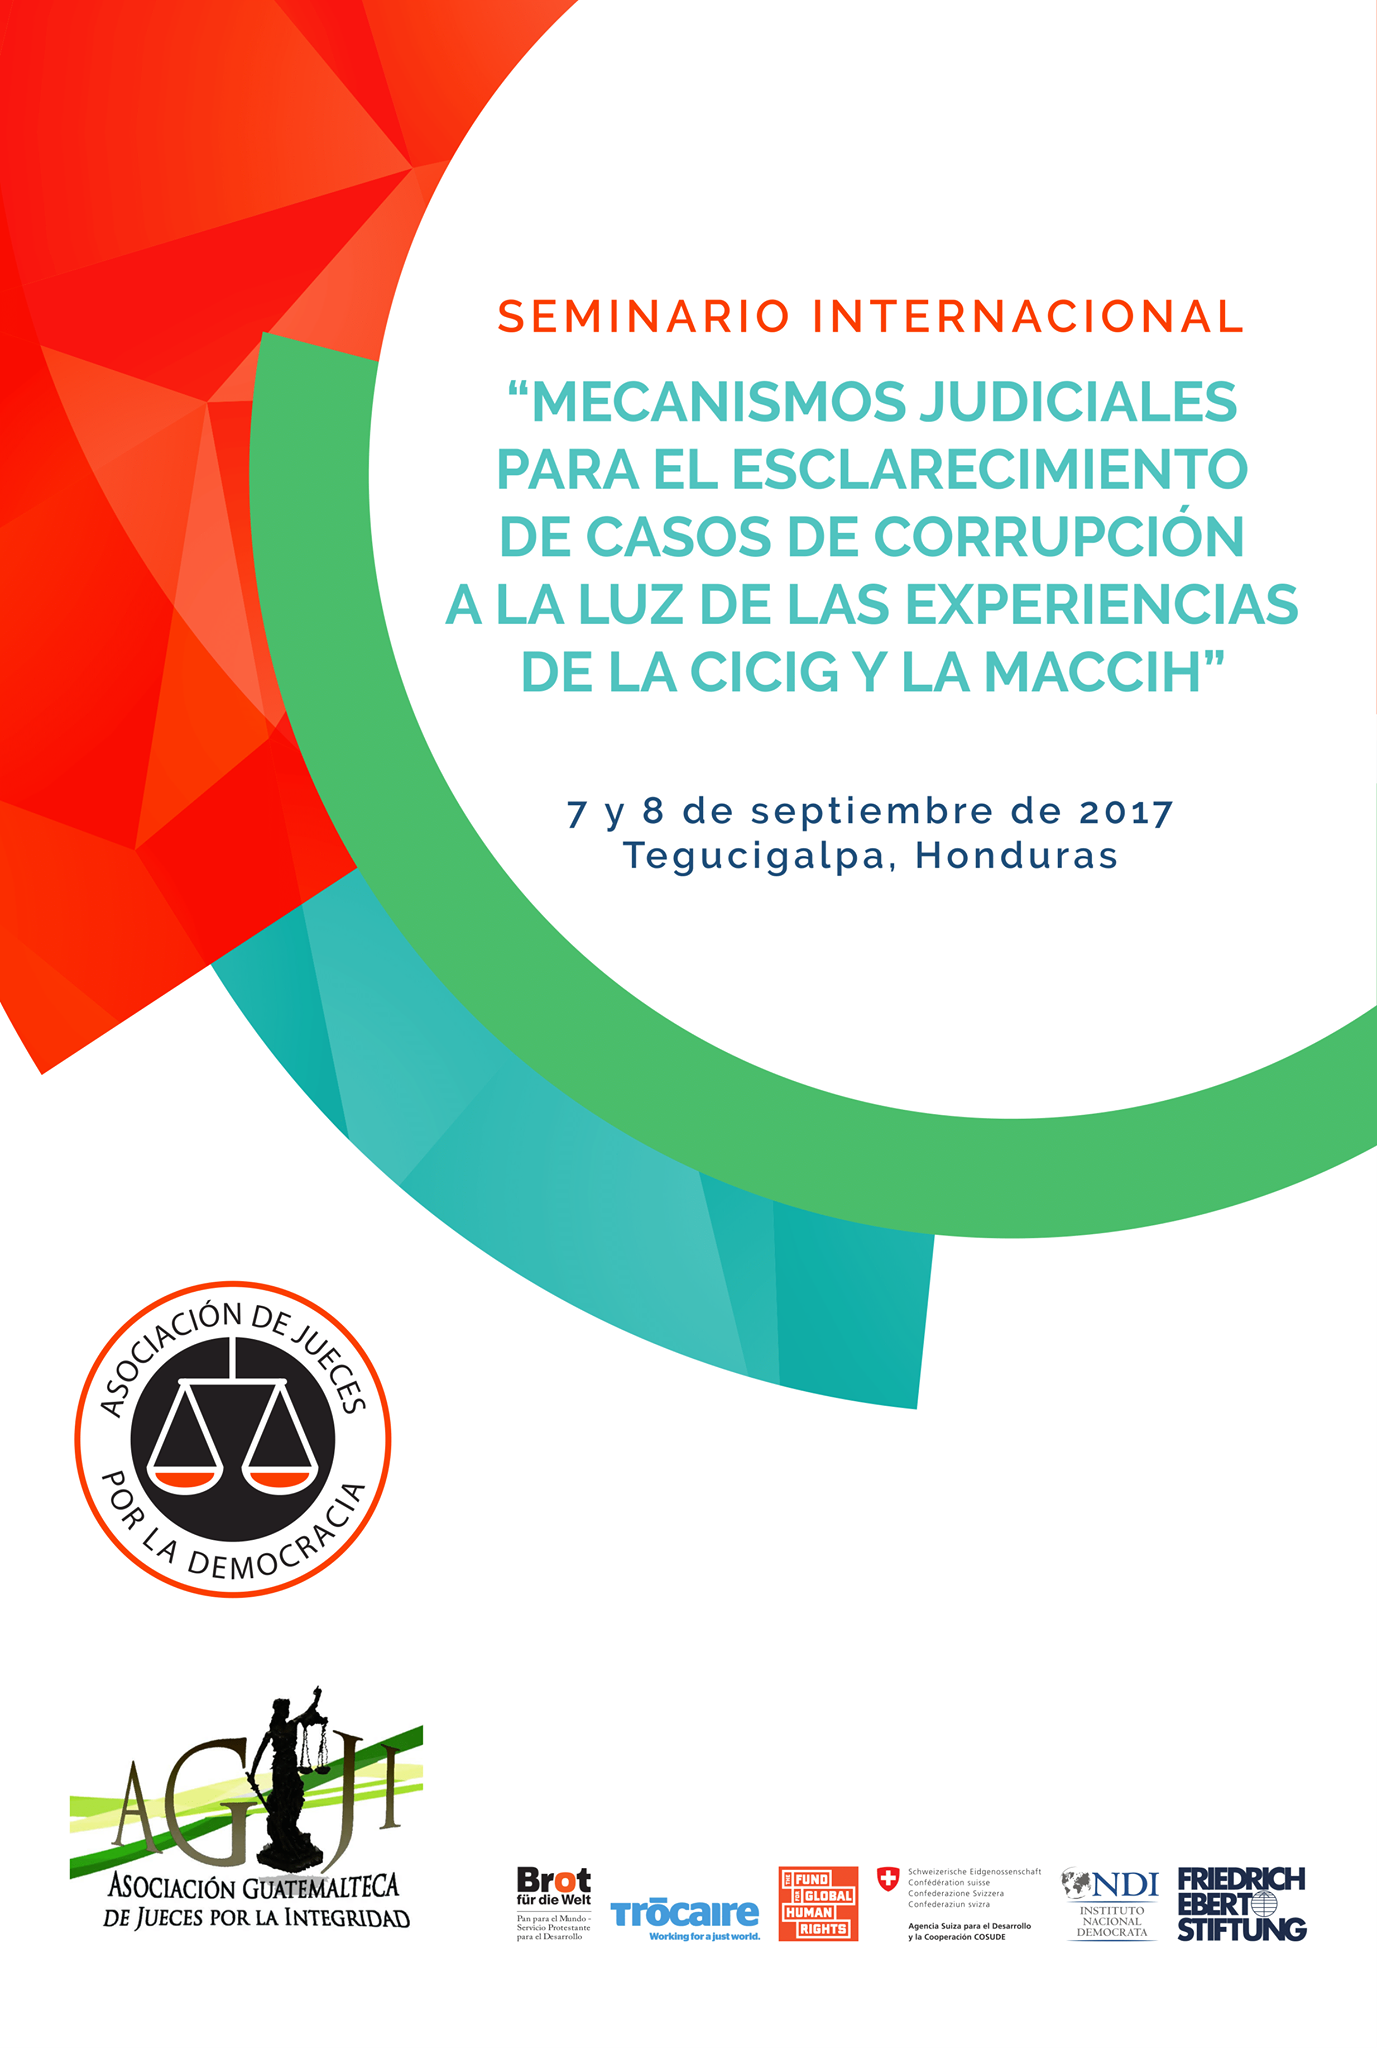 7 y 8 de septiembre: Seminario Internacional